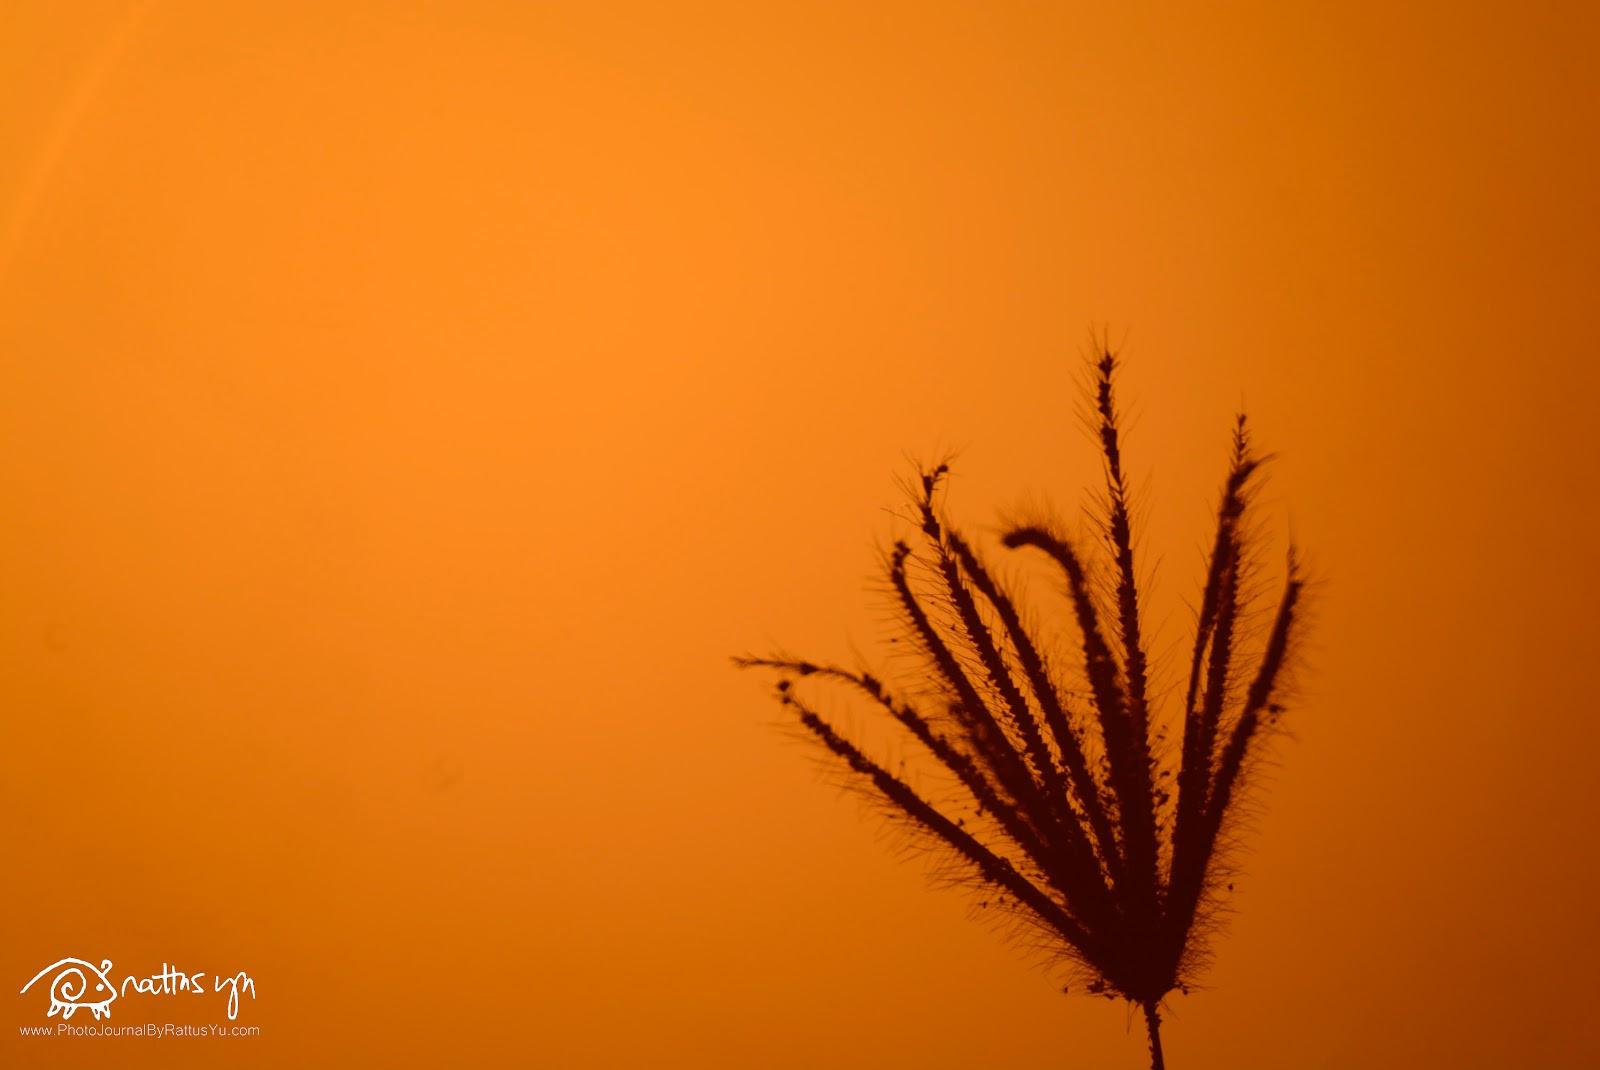 Manila Bay Sunset, Nikon D5200, Reflex-Nikkor C. 500mm f/8